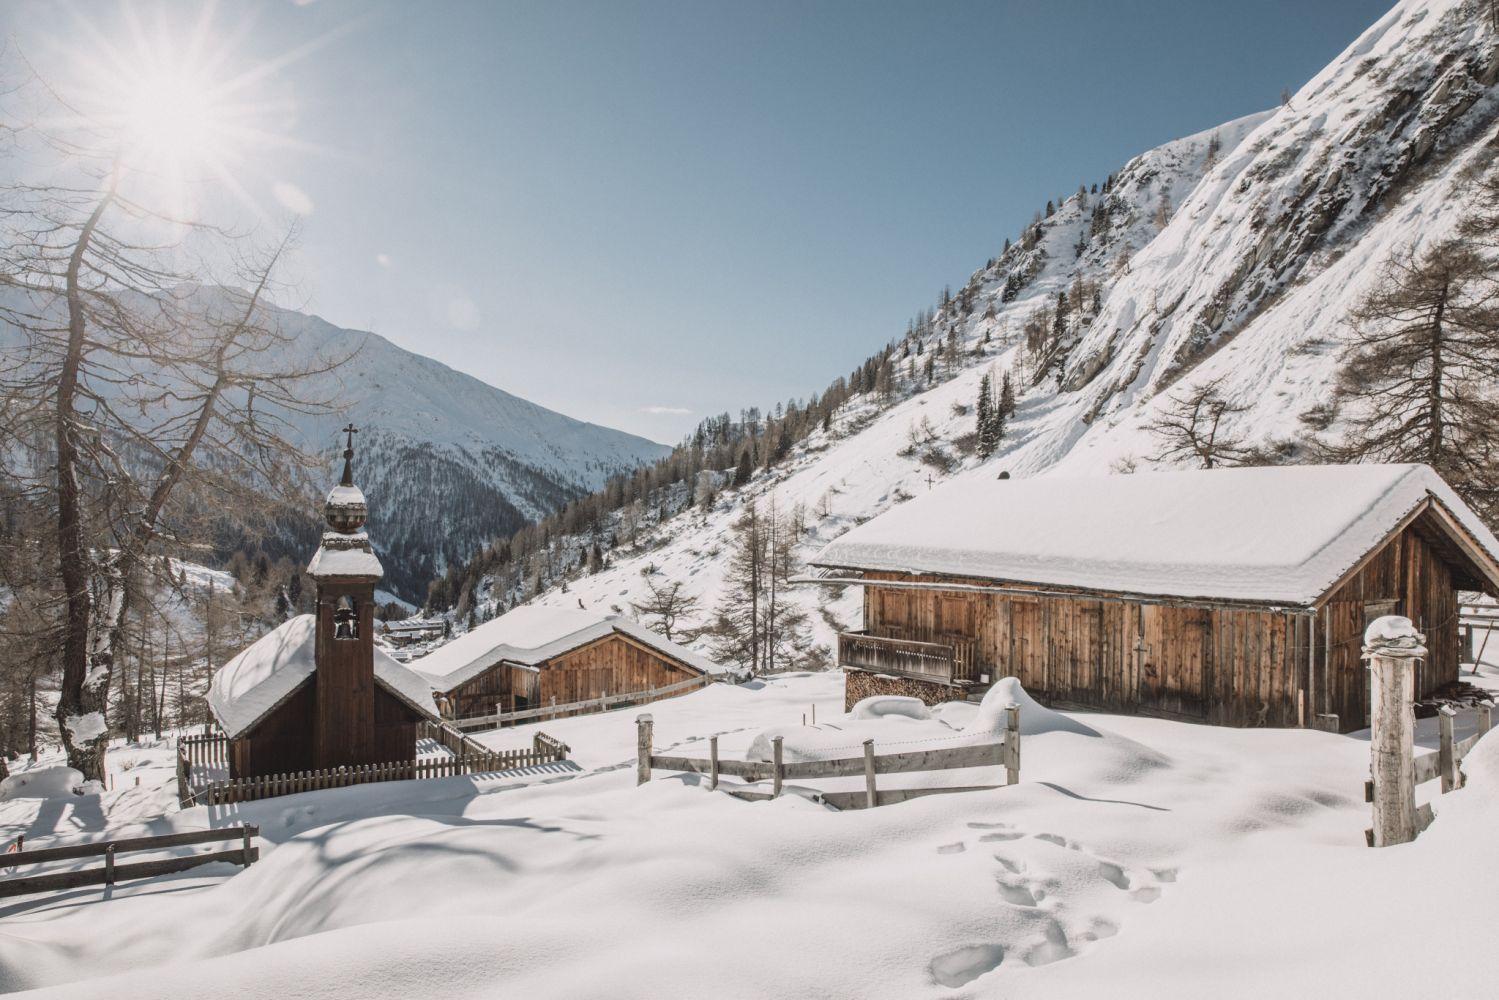 Winterliches Dorf in Osttirol